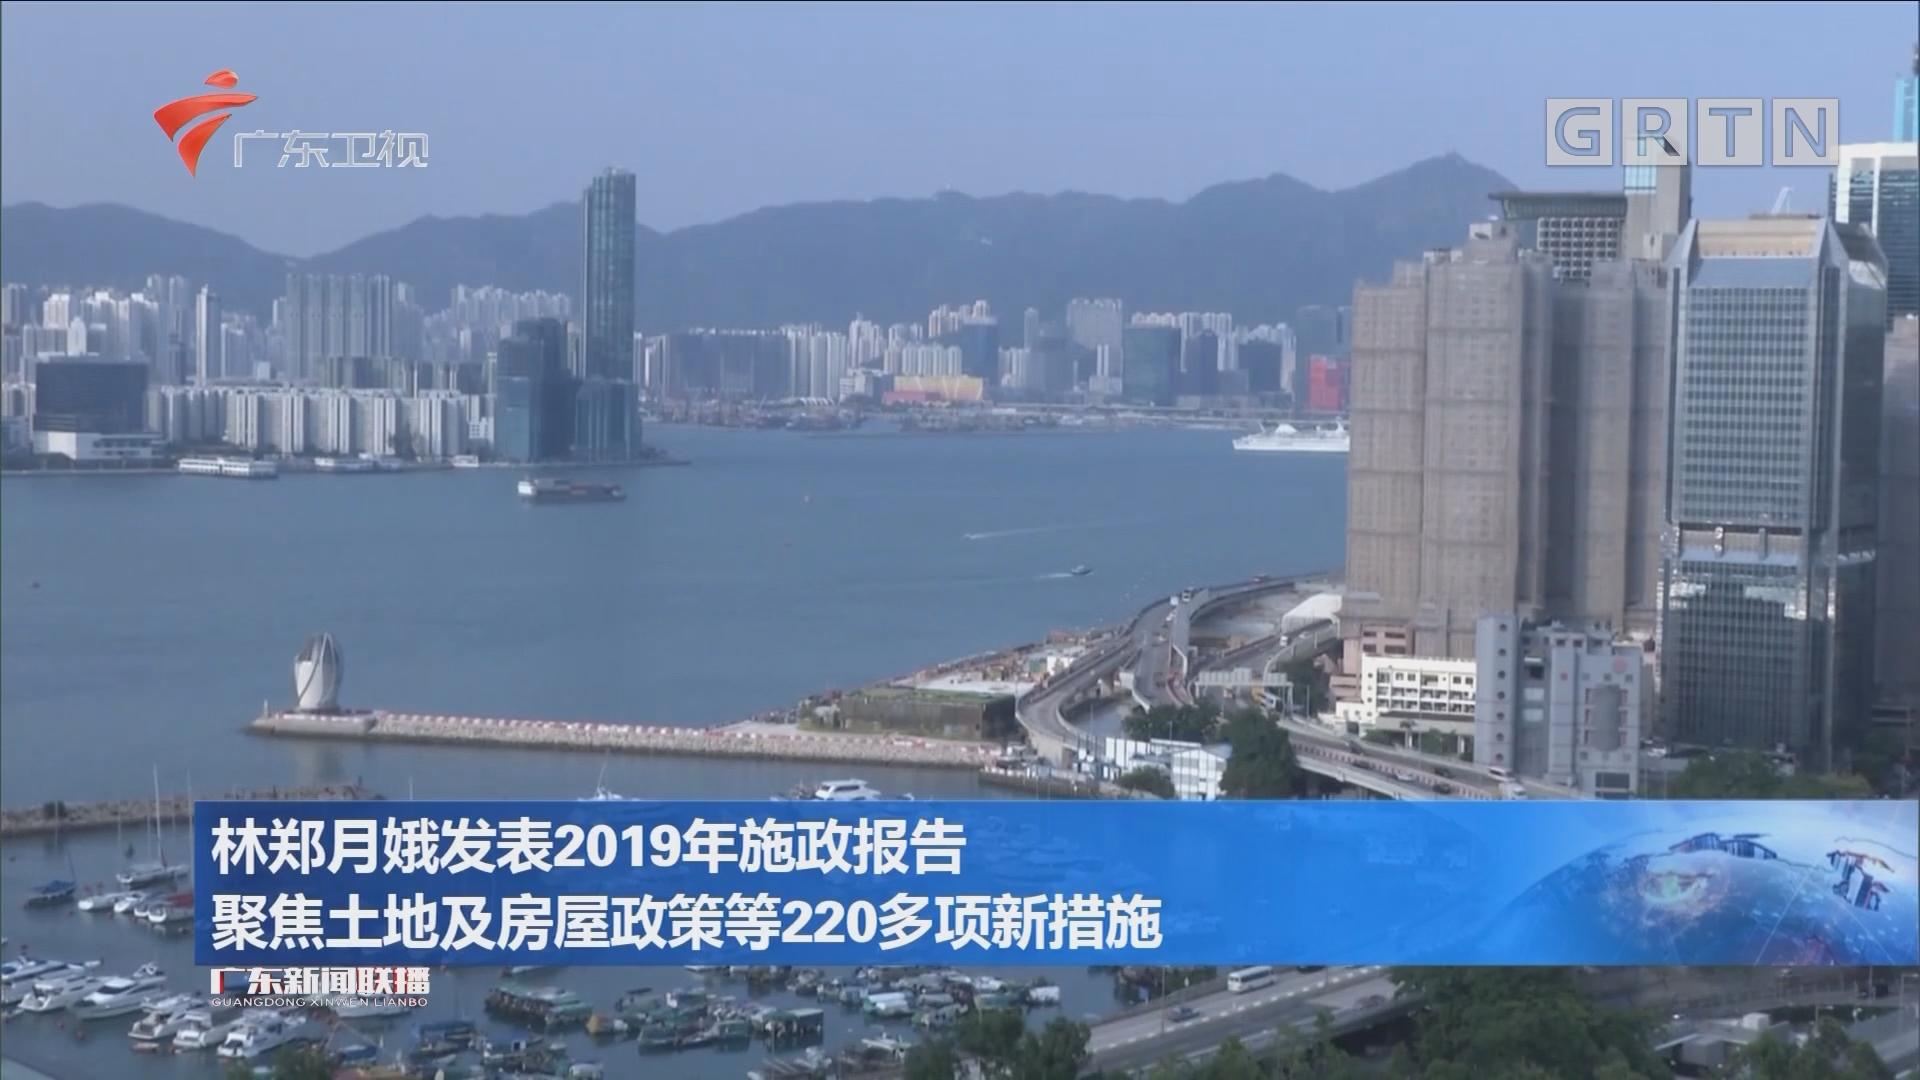 林郑月娥发表2019年施政报告 聚焦土地及房屋政策等220多项新措施